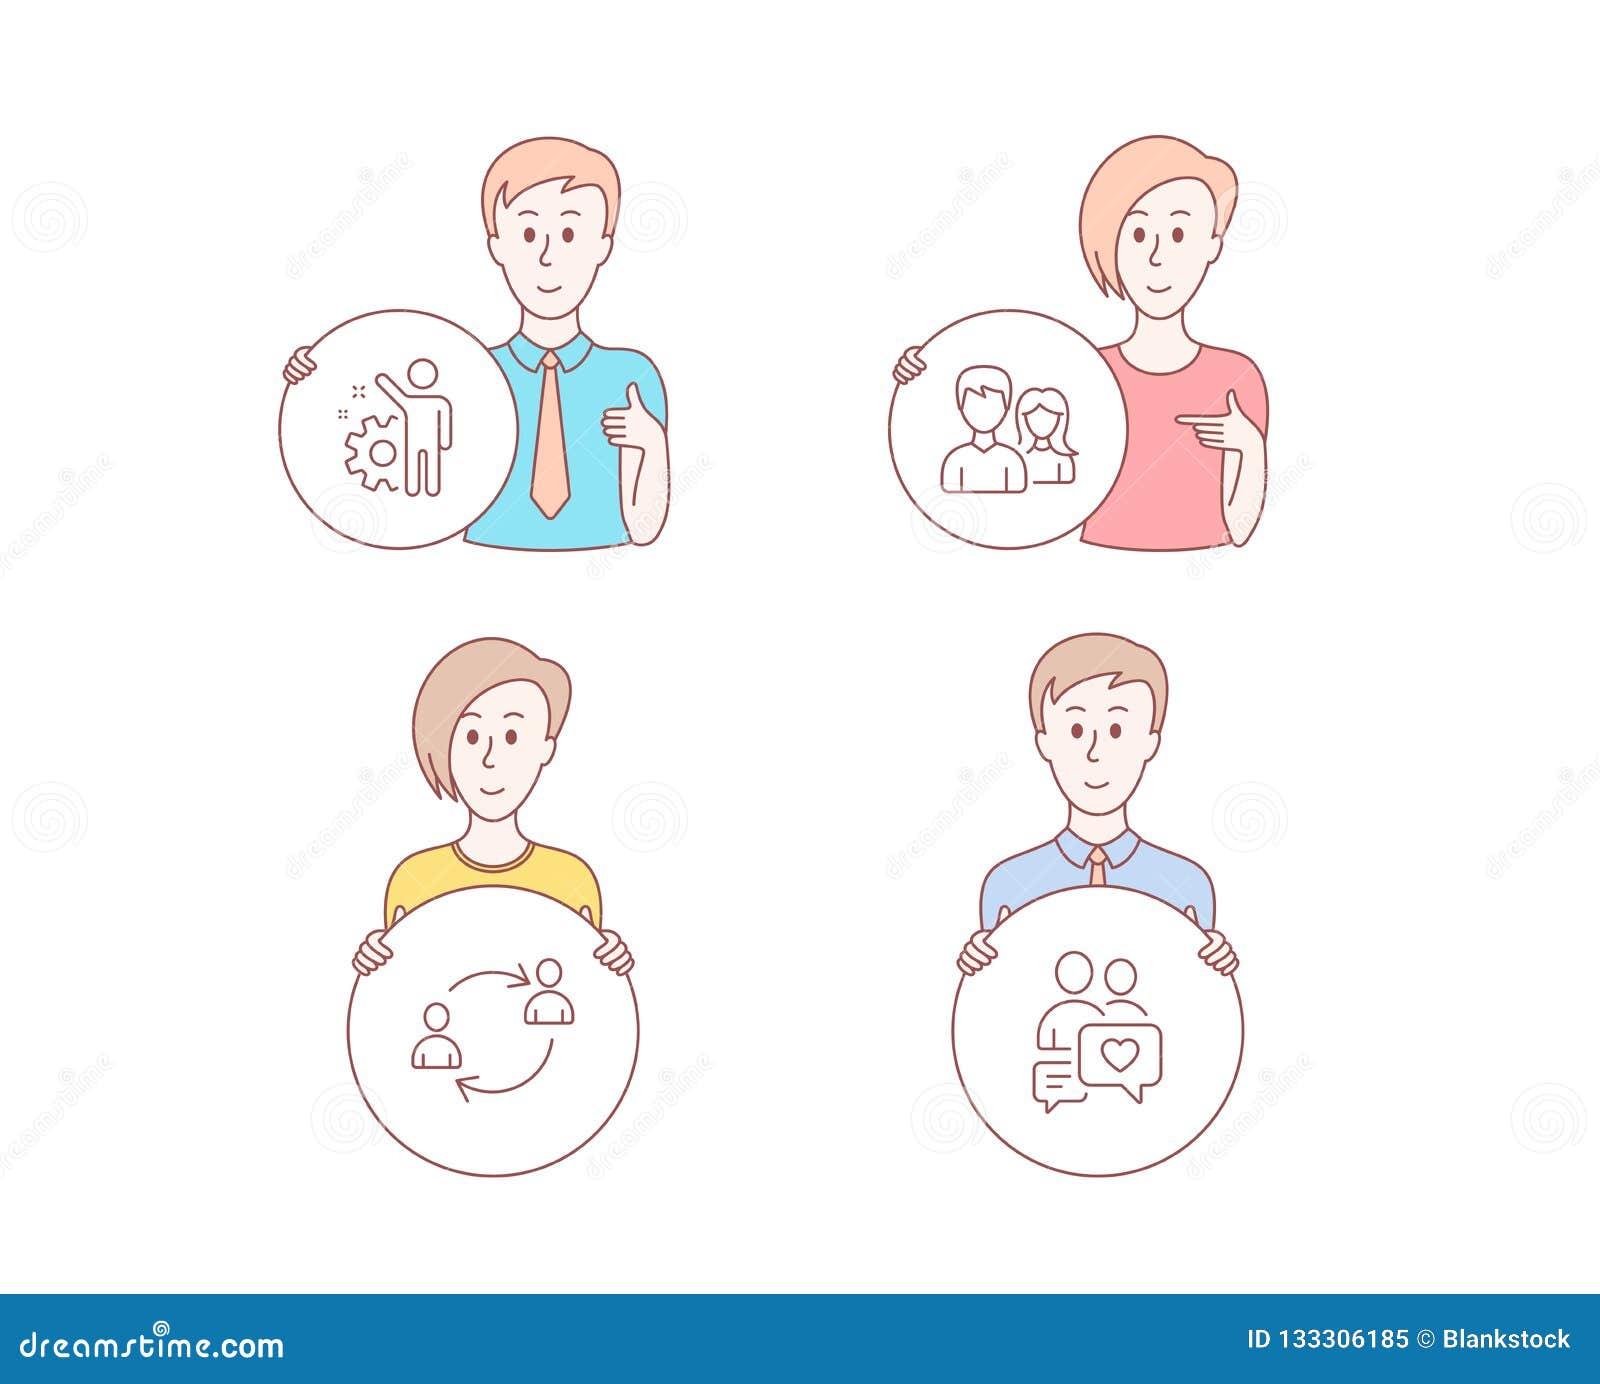 Quelle est la précision des ultrasons précoces datant